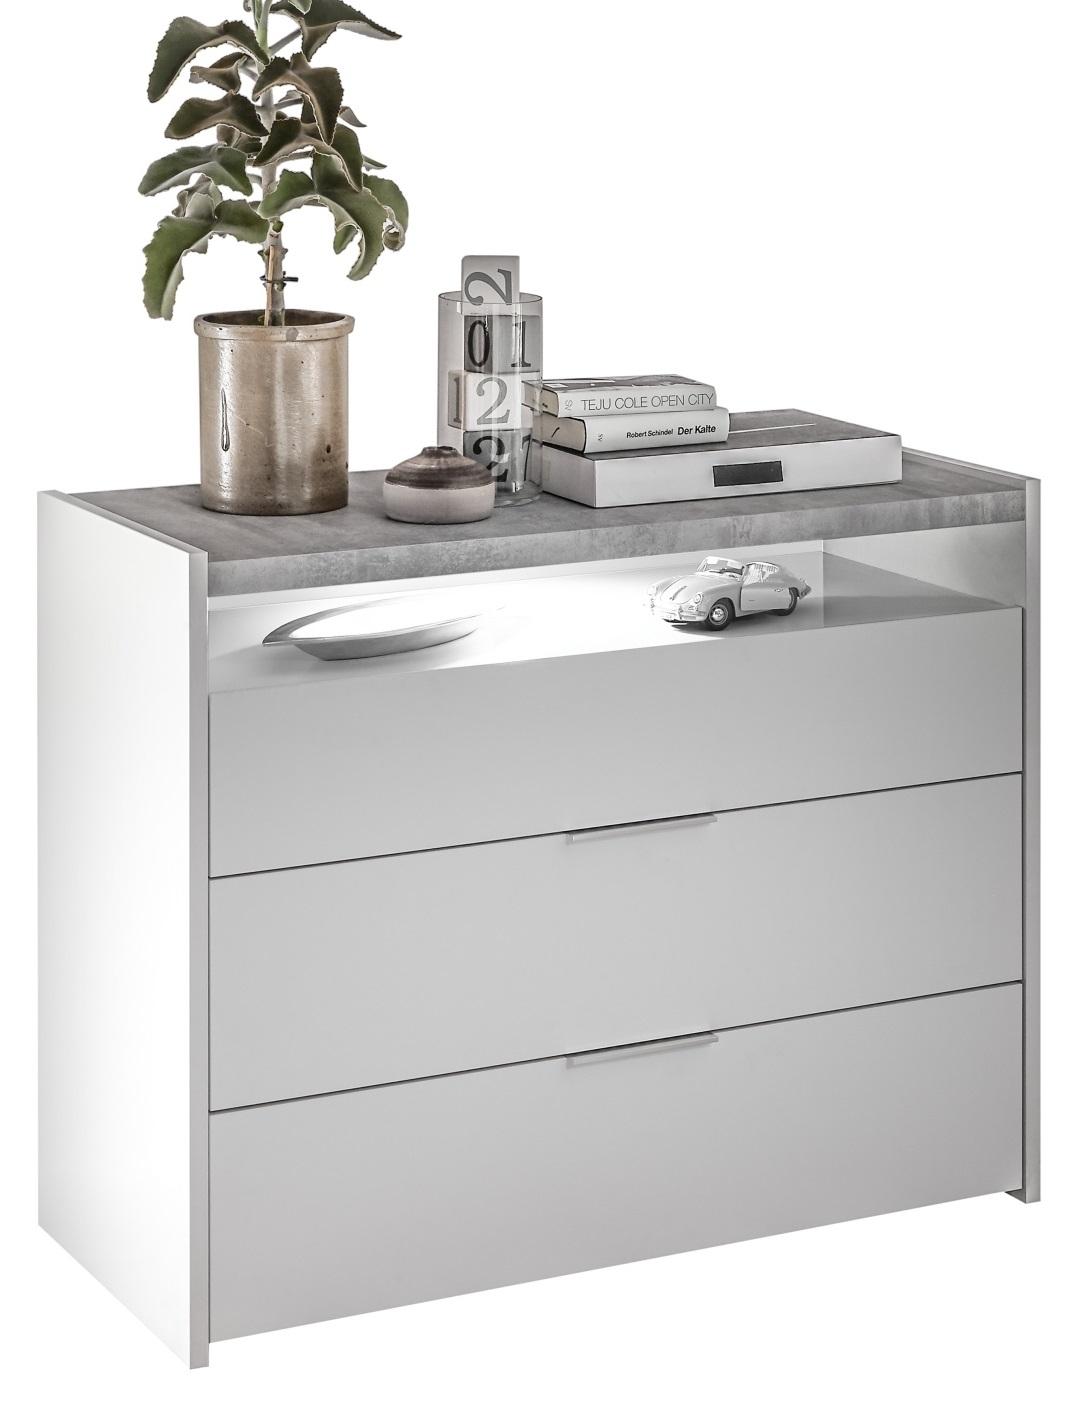 Commode Amalti 95 cm hoog in mat wit met grijs beton